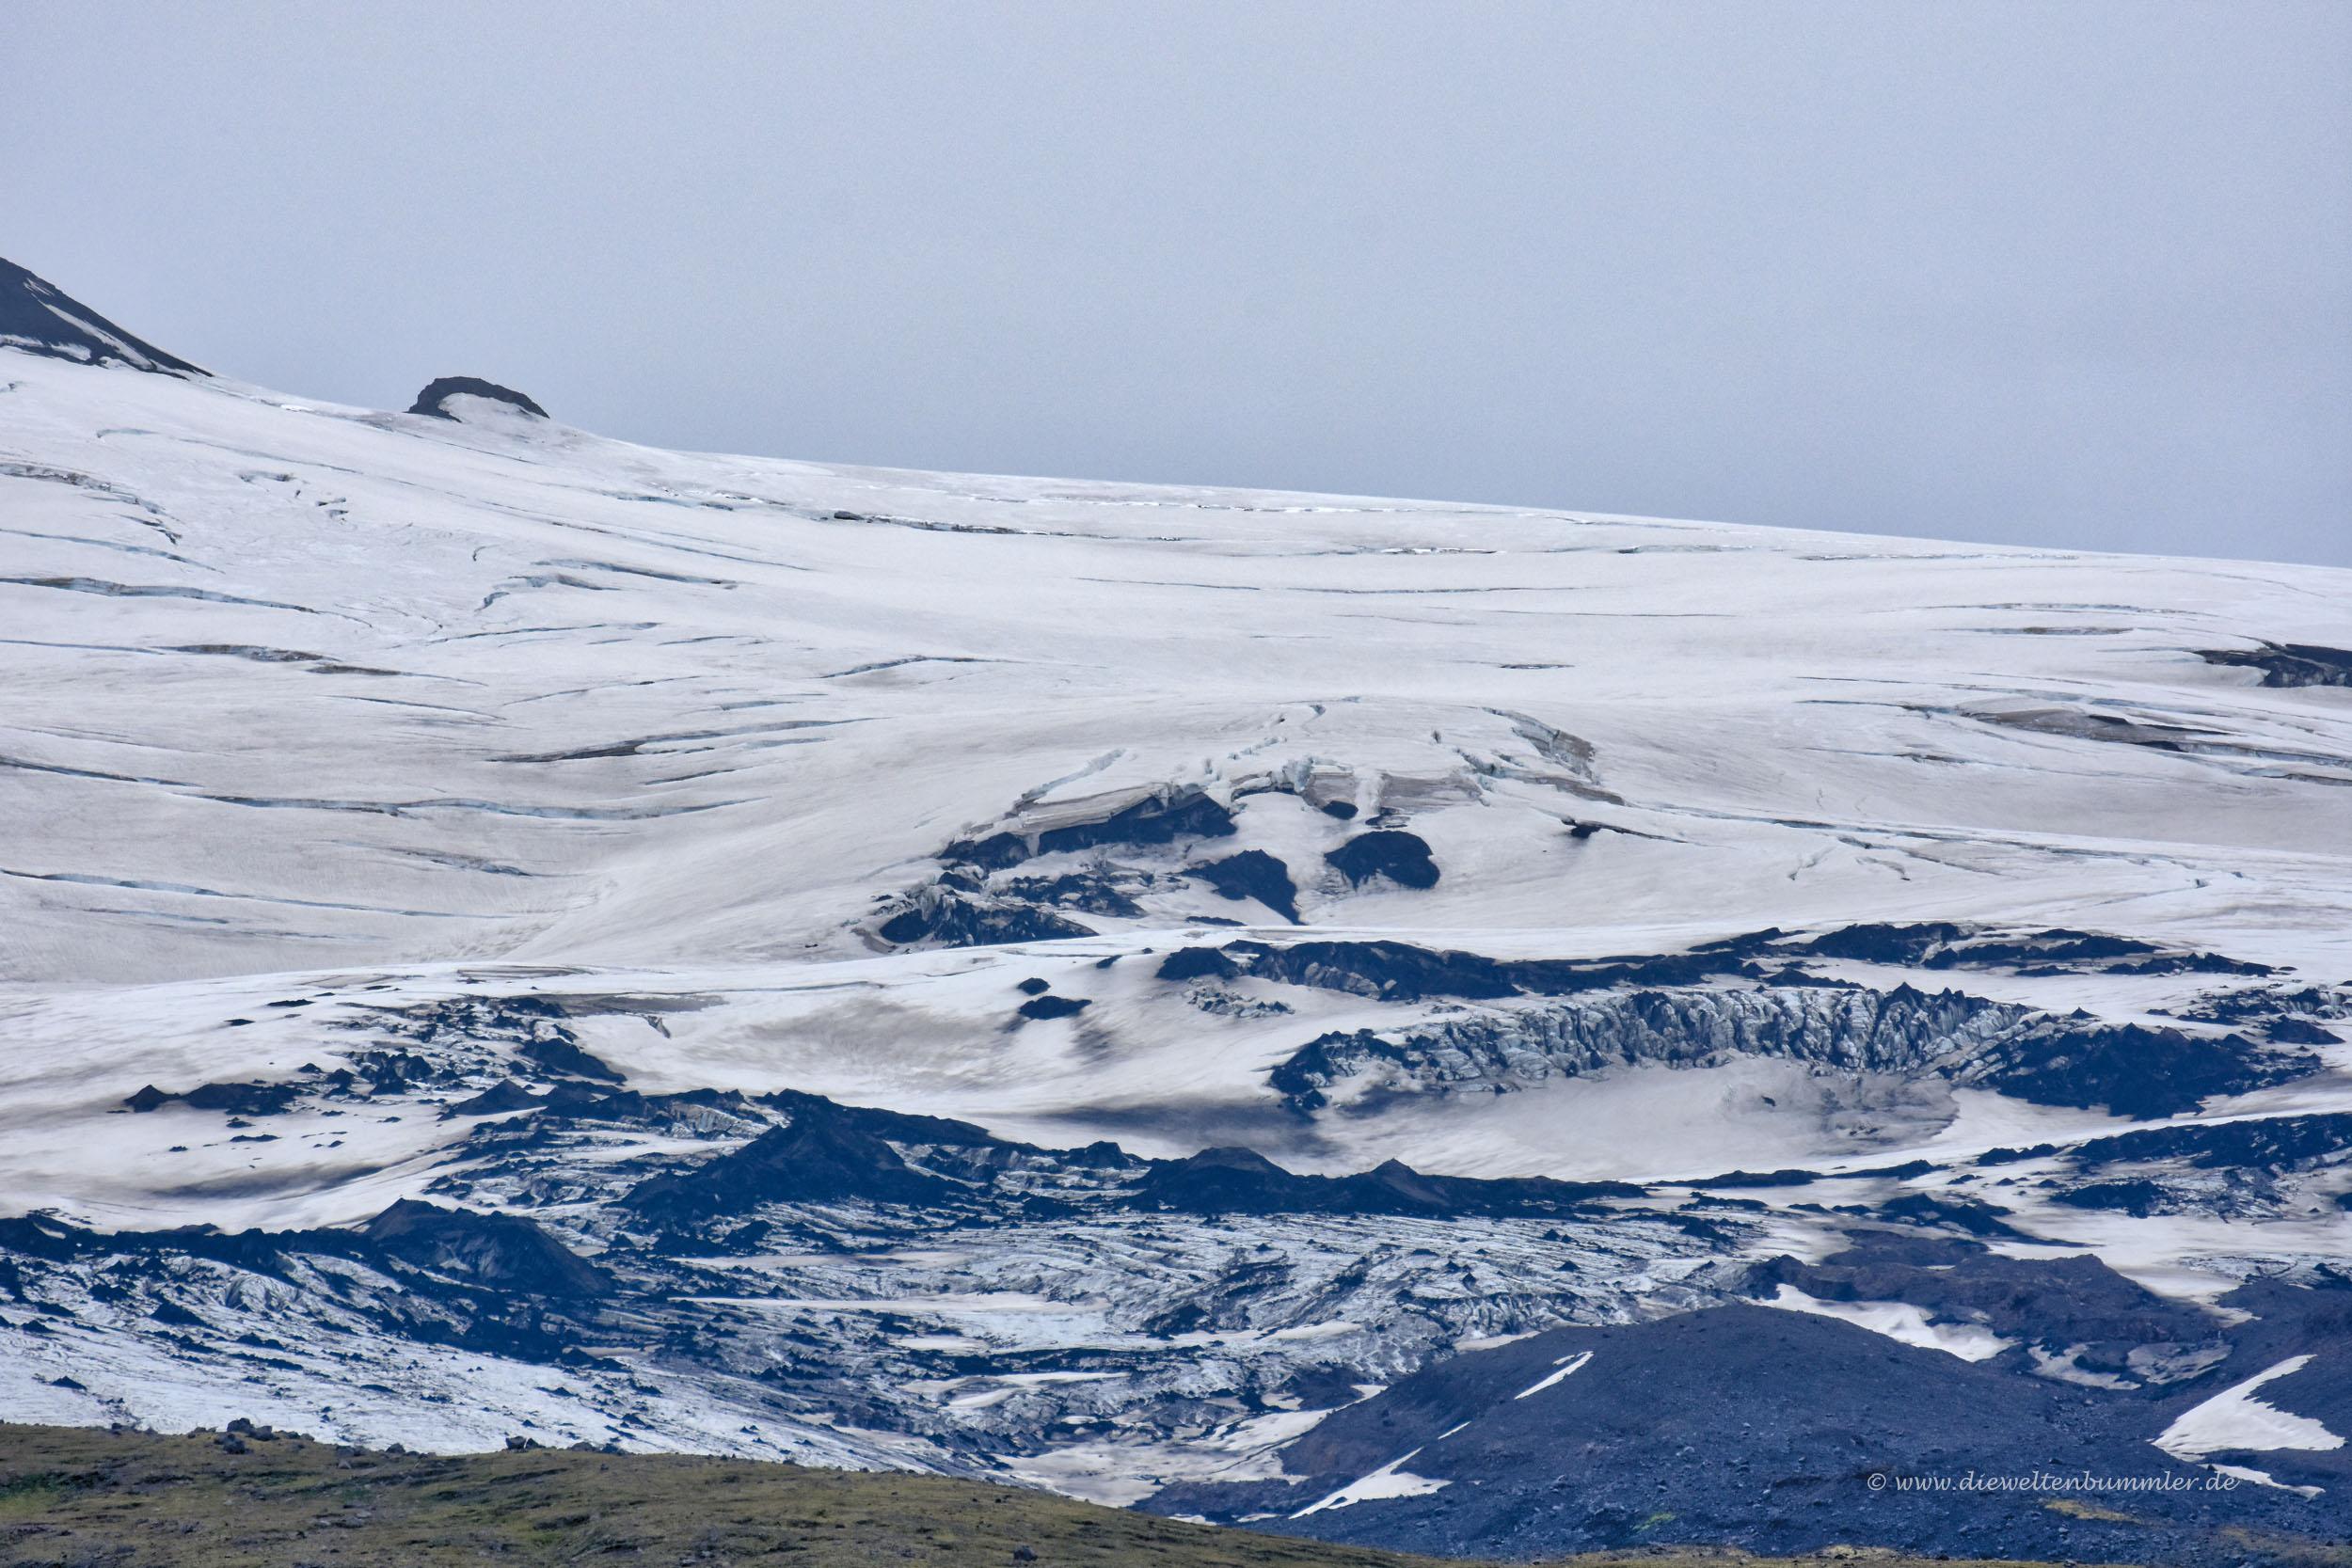 Eis und Gletscher auf dem Eyjafalljökull